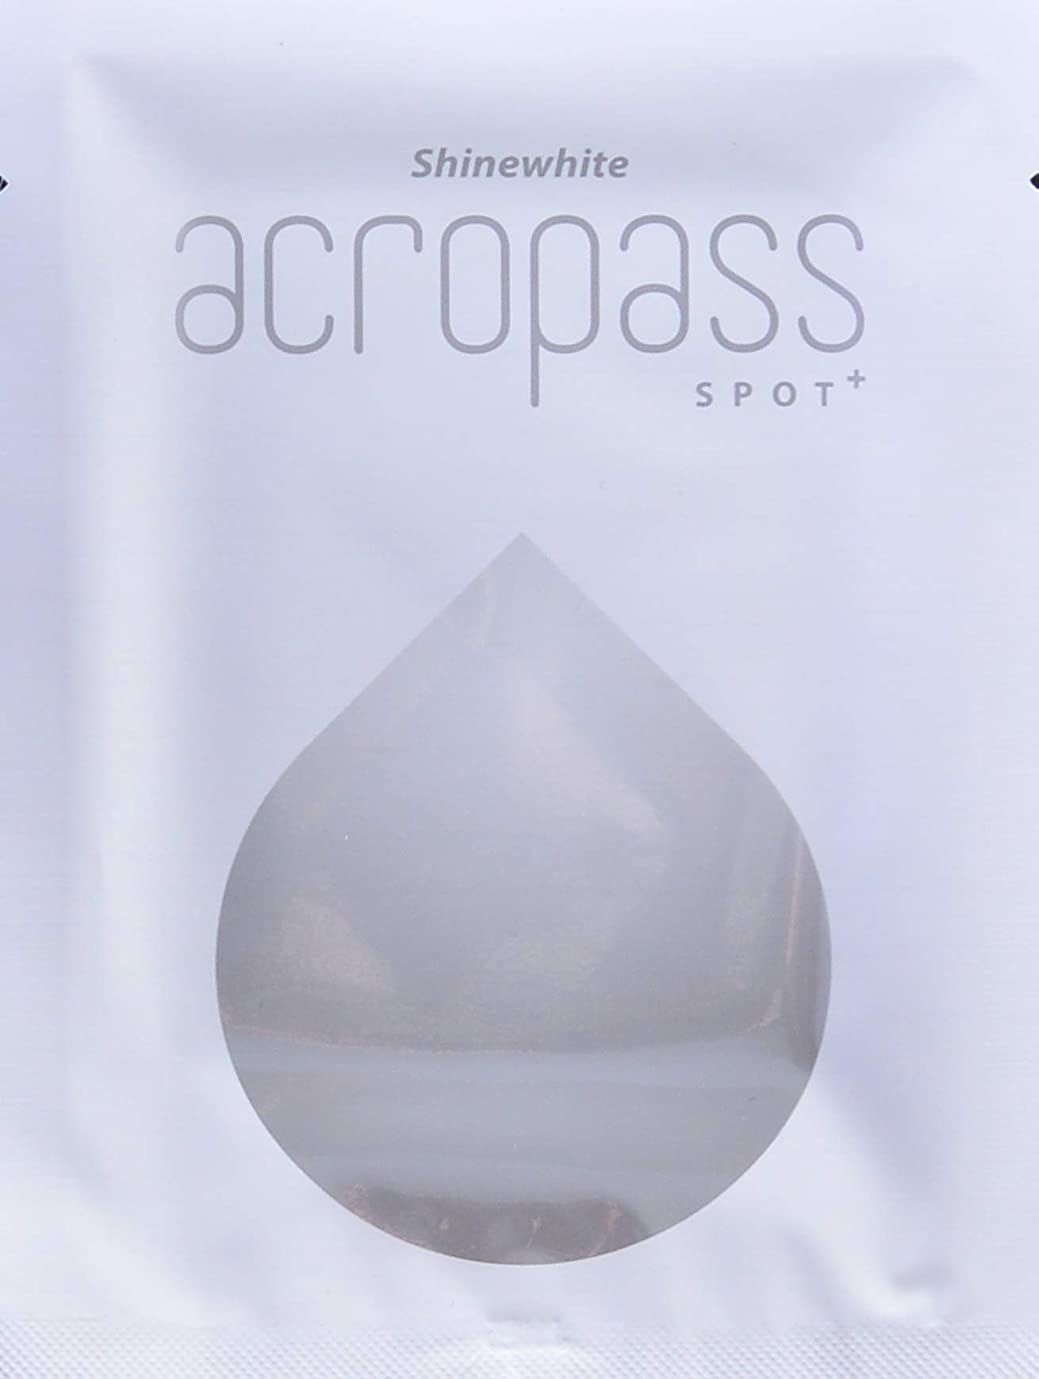 息子接尾辞眠いです★アクロパス スポットプラス★ 1パウチ(2枚入り) 美白効果をプラスしたアクロパス、ヒアルロン酸+4種の美白成分配合マイクロニードルパッチ。 他にお得な2パウチセットもございます